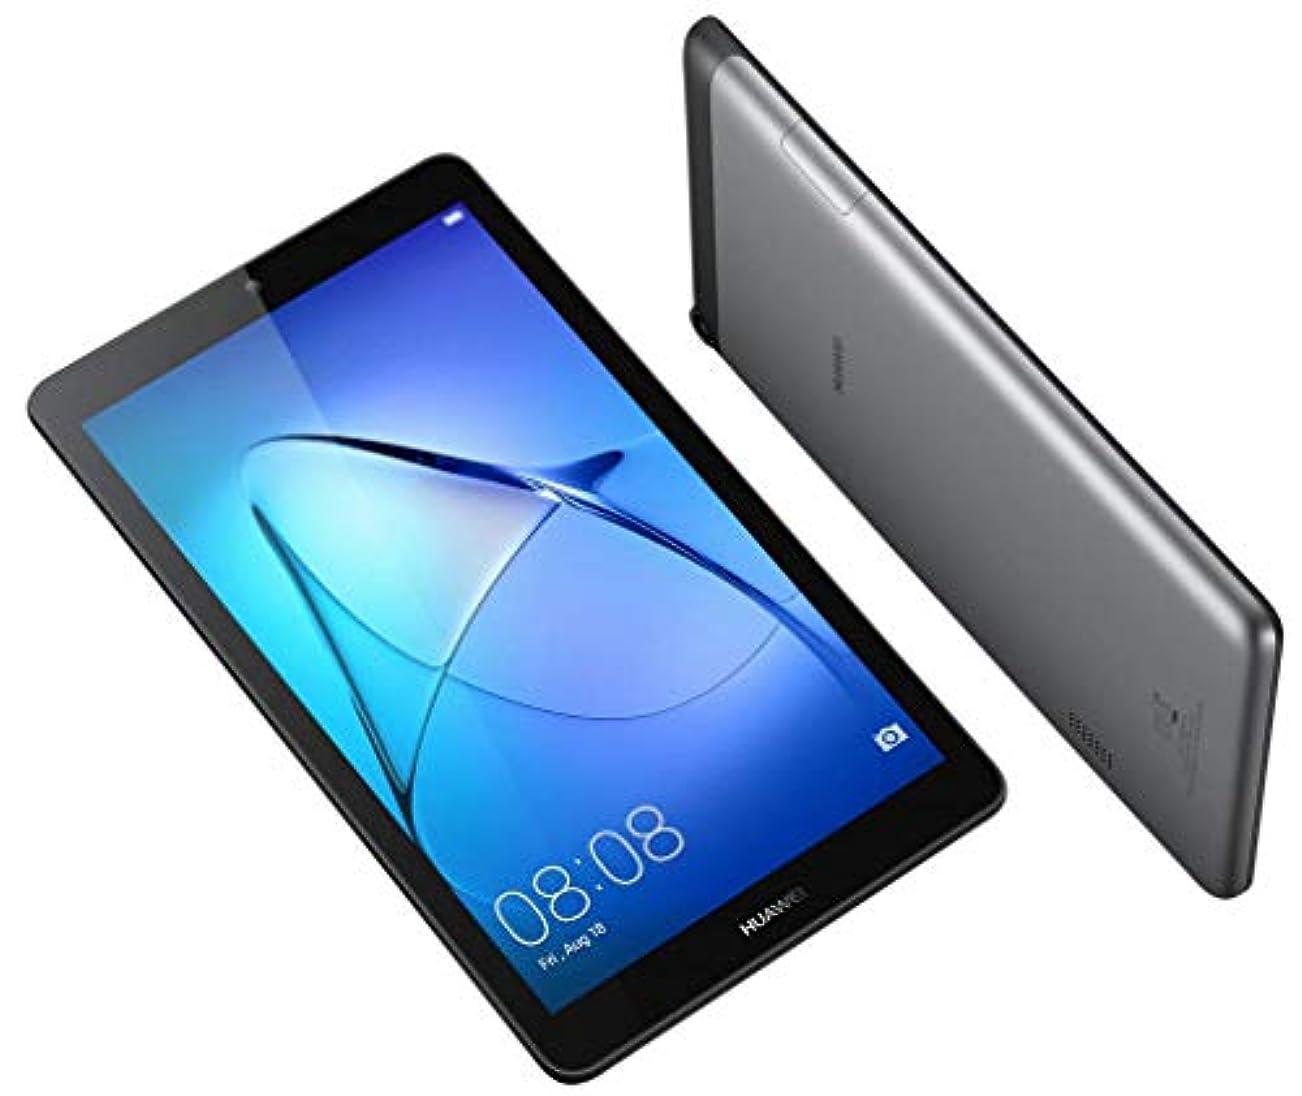 眉をひそめるスキップバスルームHUAWEI(ファーウェイ) 7型タブレットパソコン MediaPad T3 7※Wi-Fiモデル スペースグレー T3 7/BG02-W09A